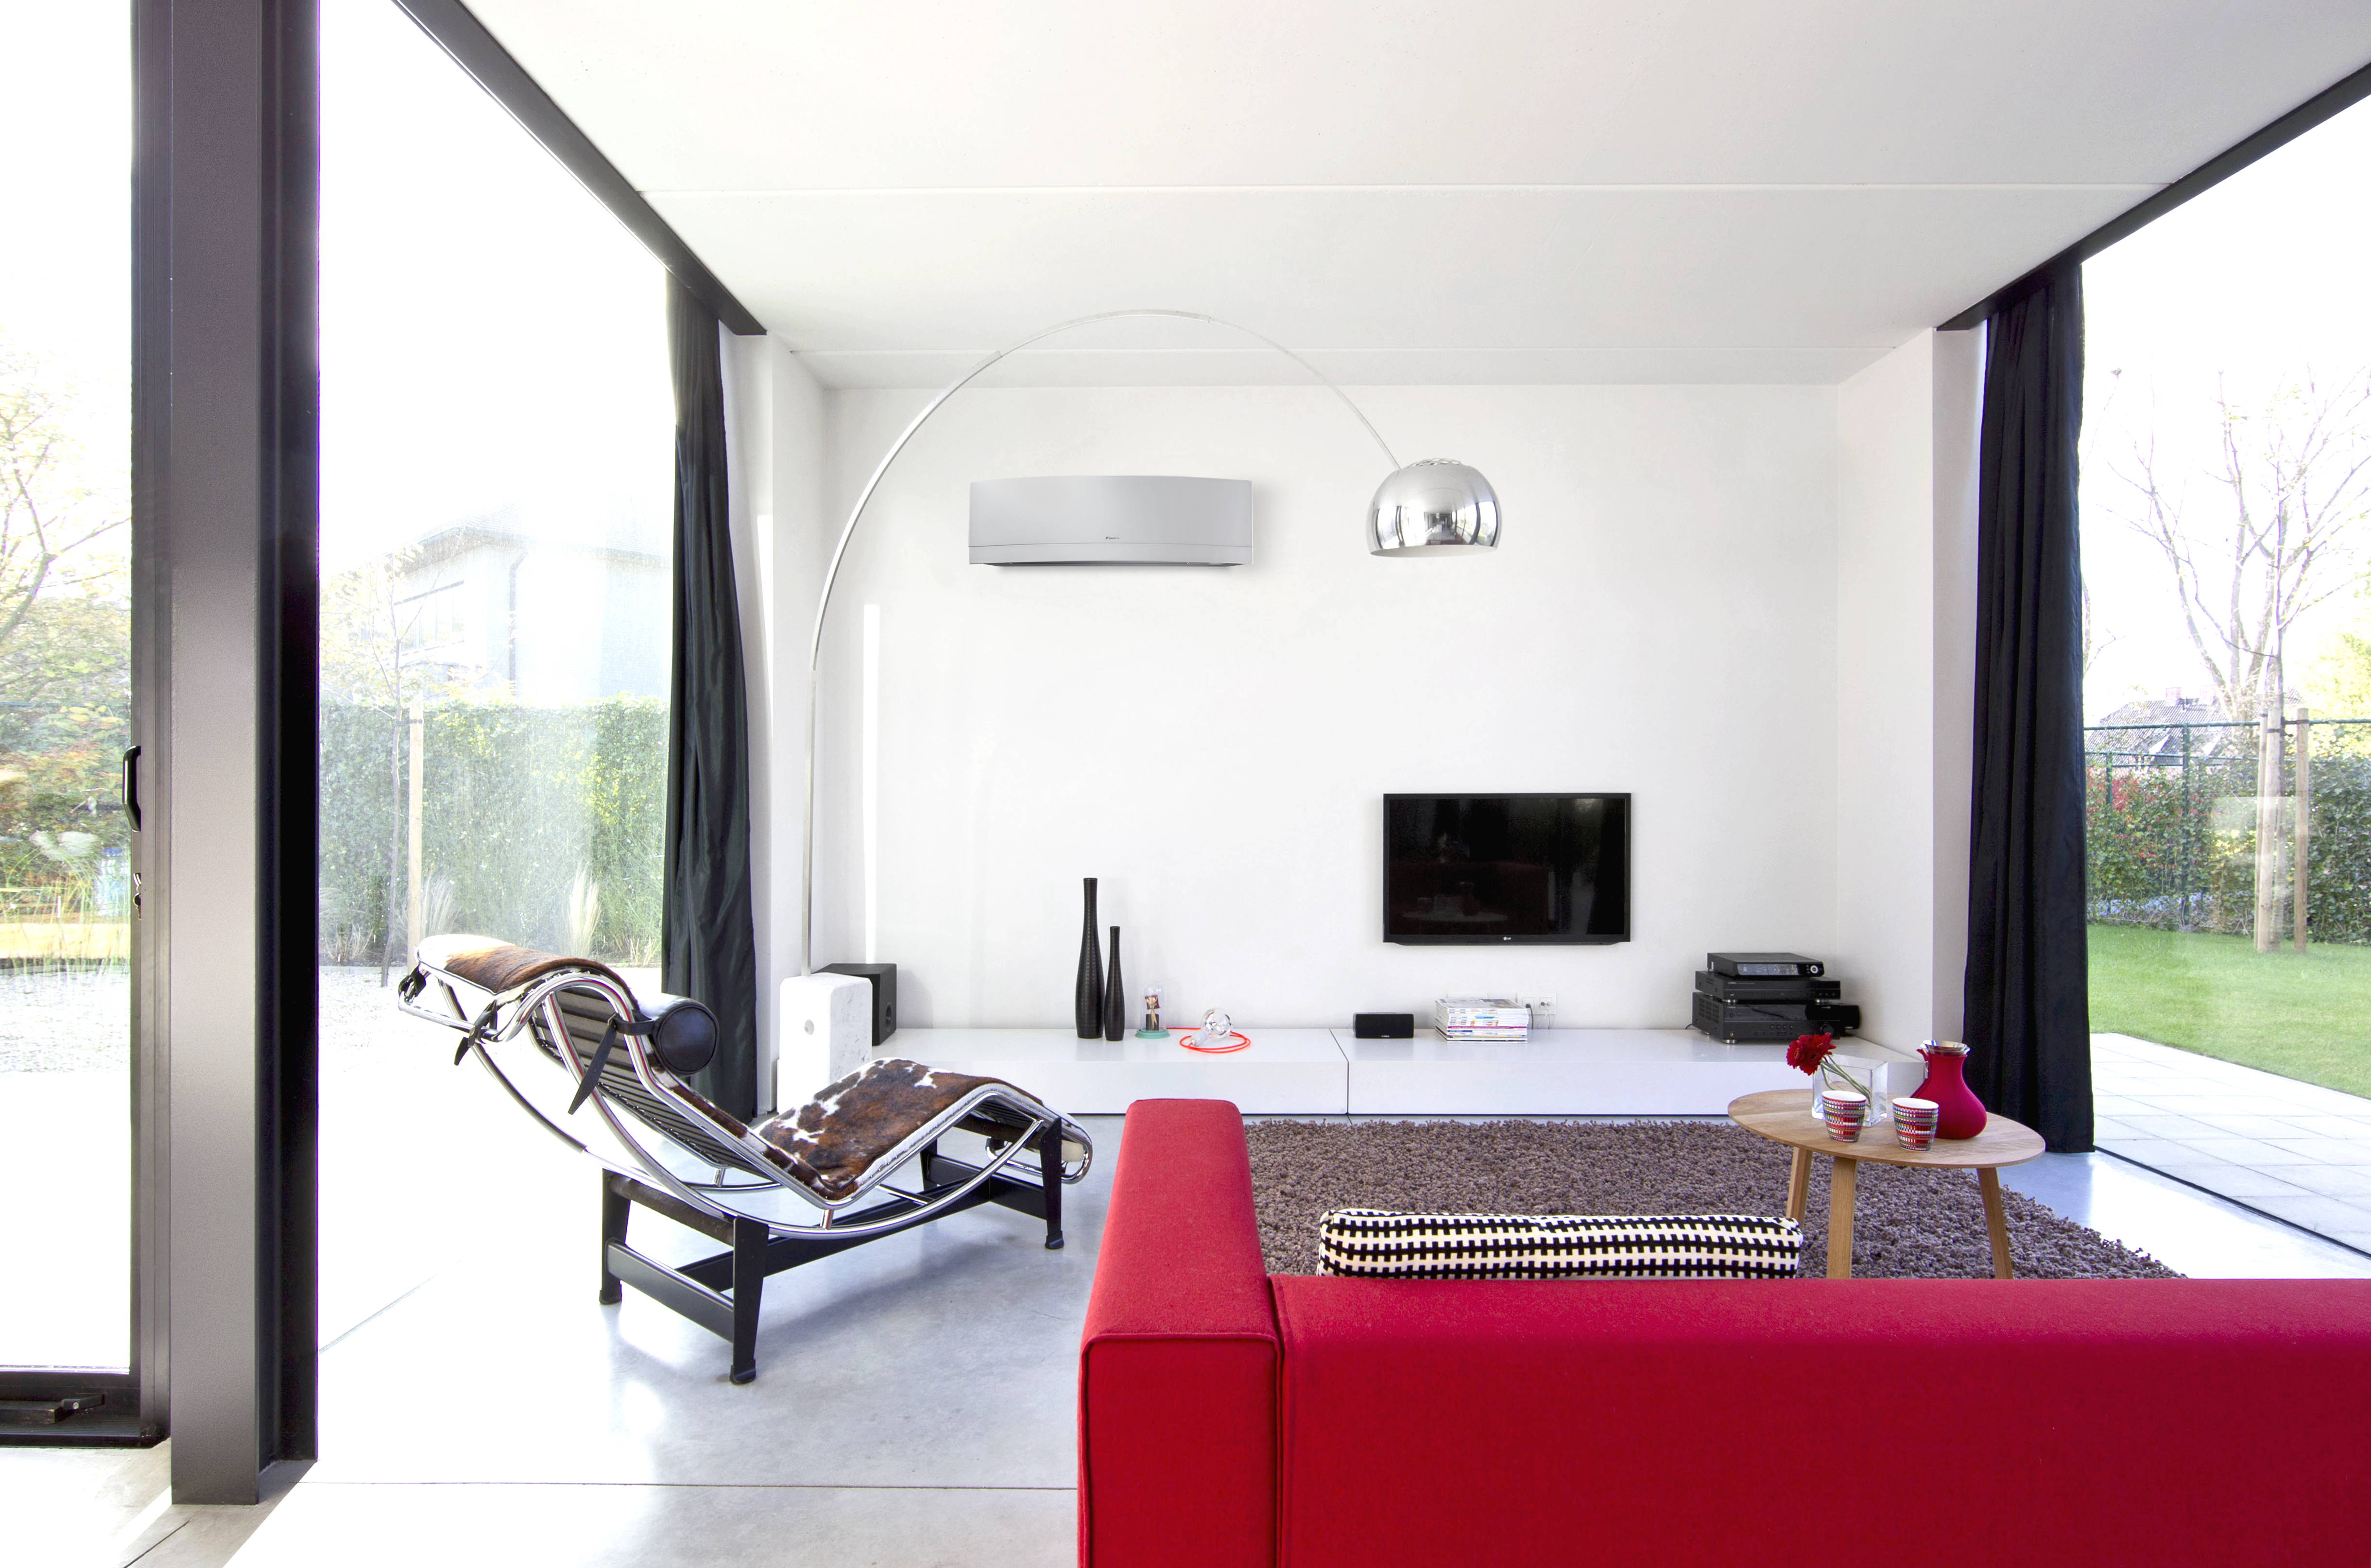 daikin nouvelle unit daikin emura cons cration de daikin dans le design technologique fpa. Black Bedroom Furniture Sets. Home Design Ideas